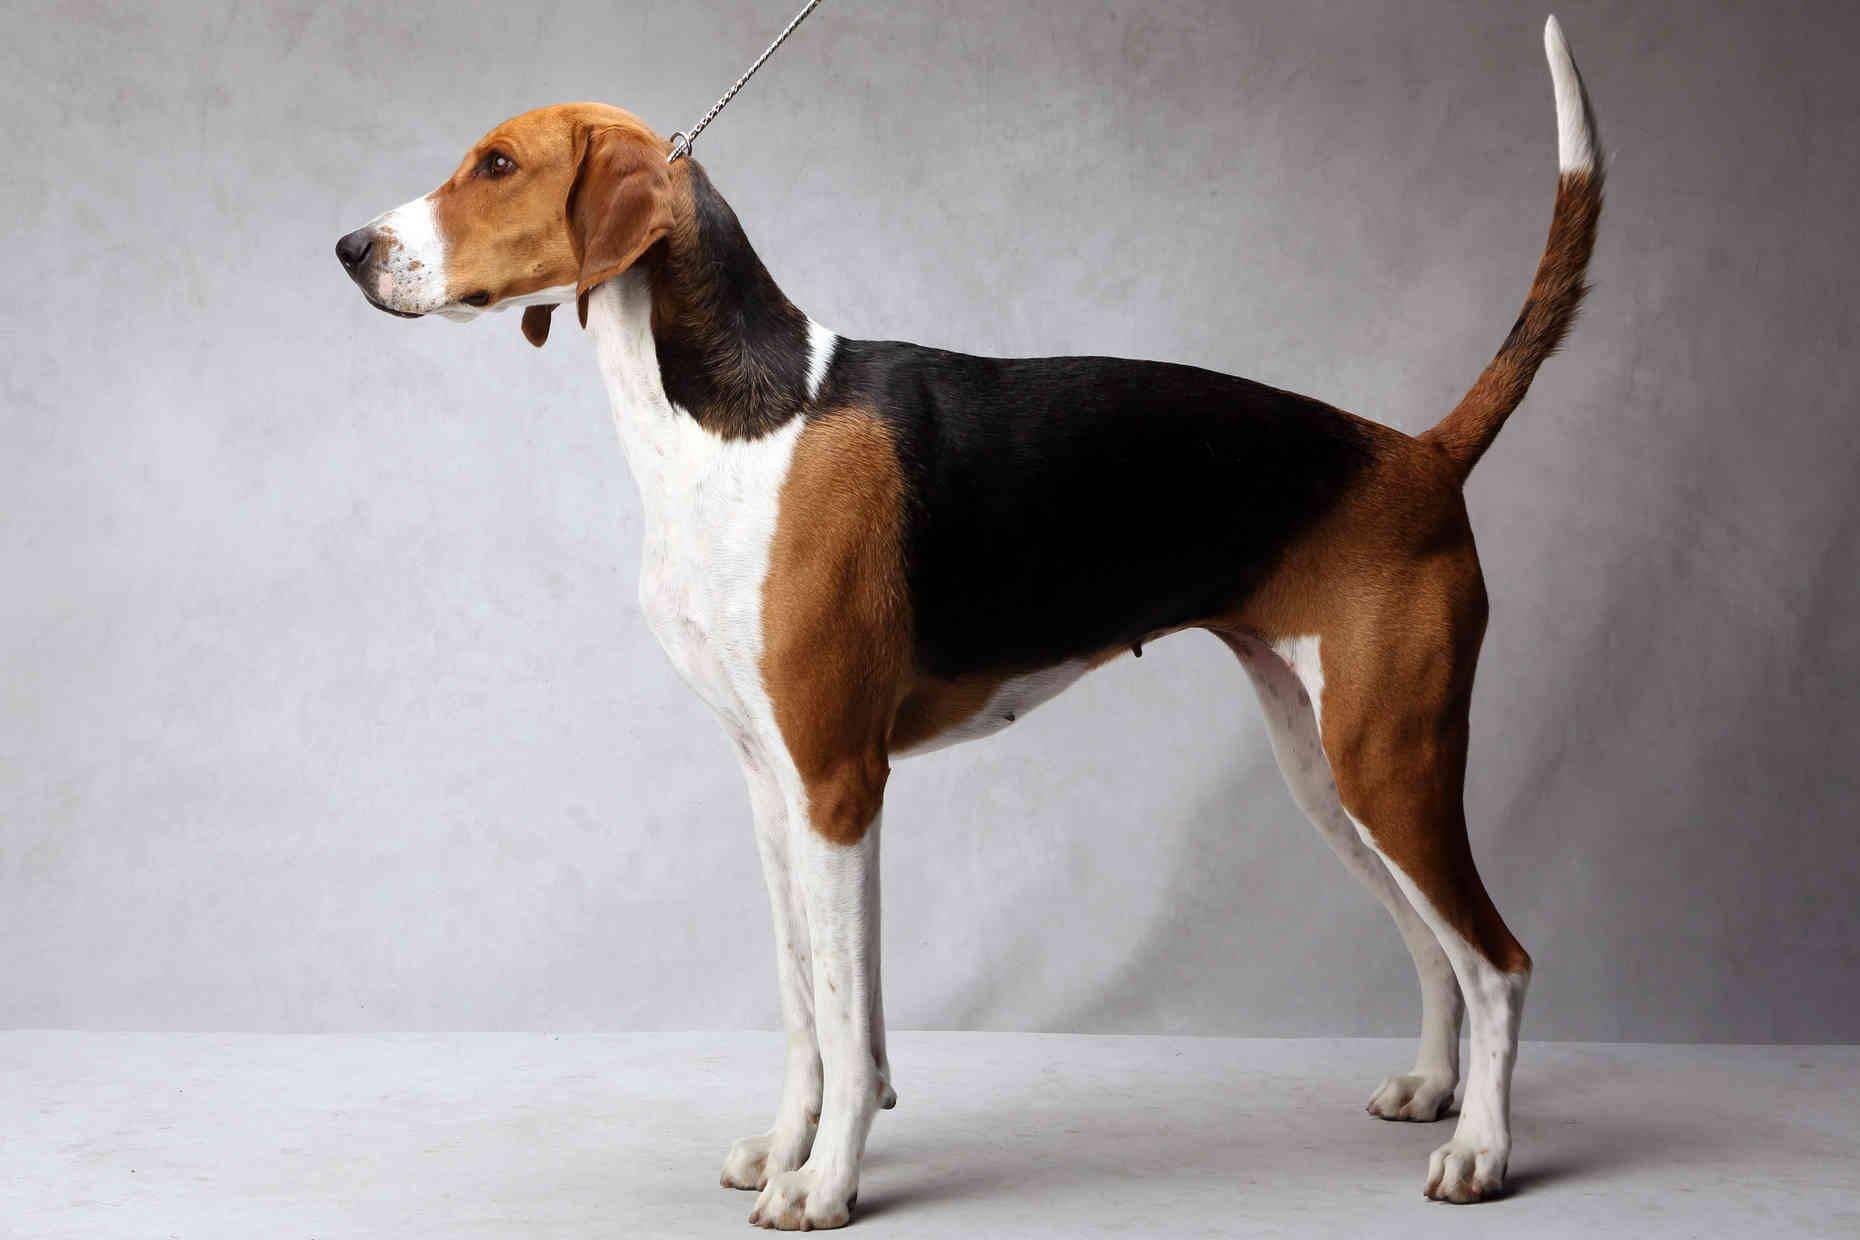 Описание породы собак английский фоксхаунд с отзывами владельцев и фото